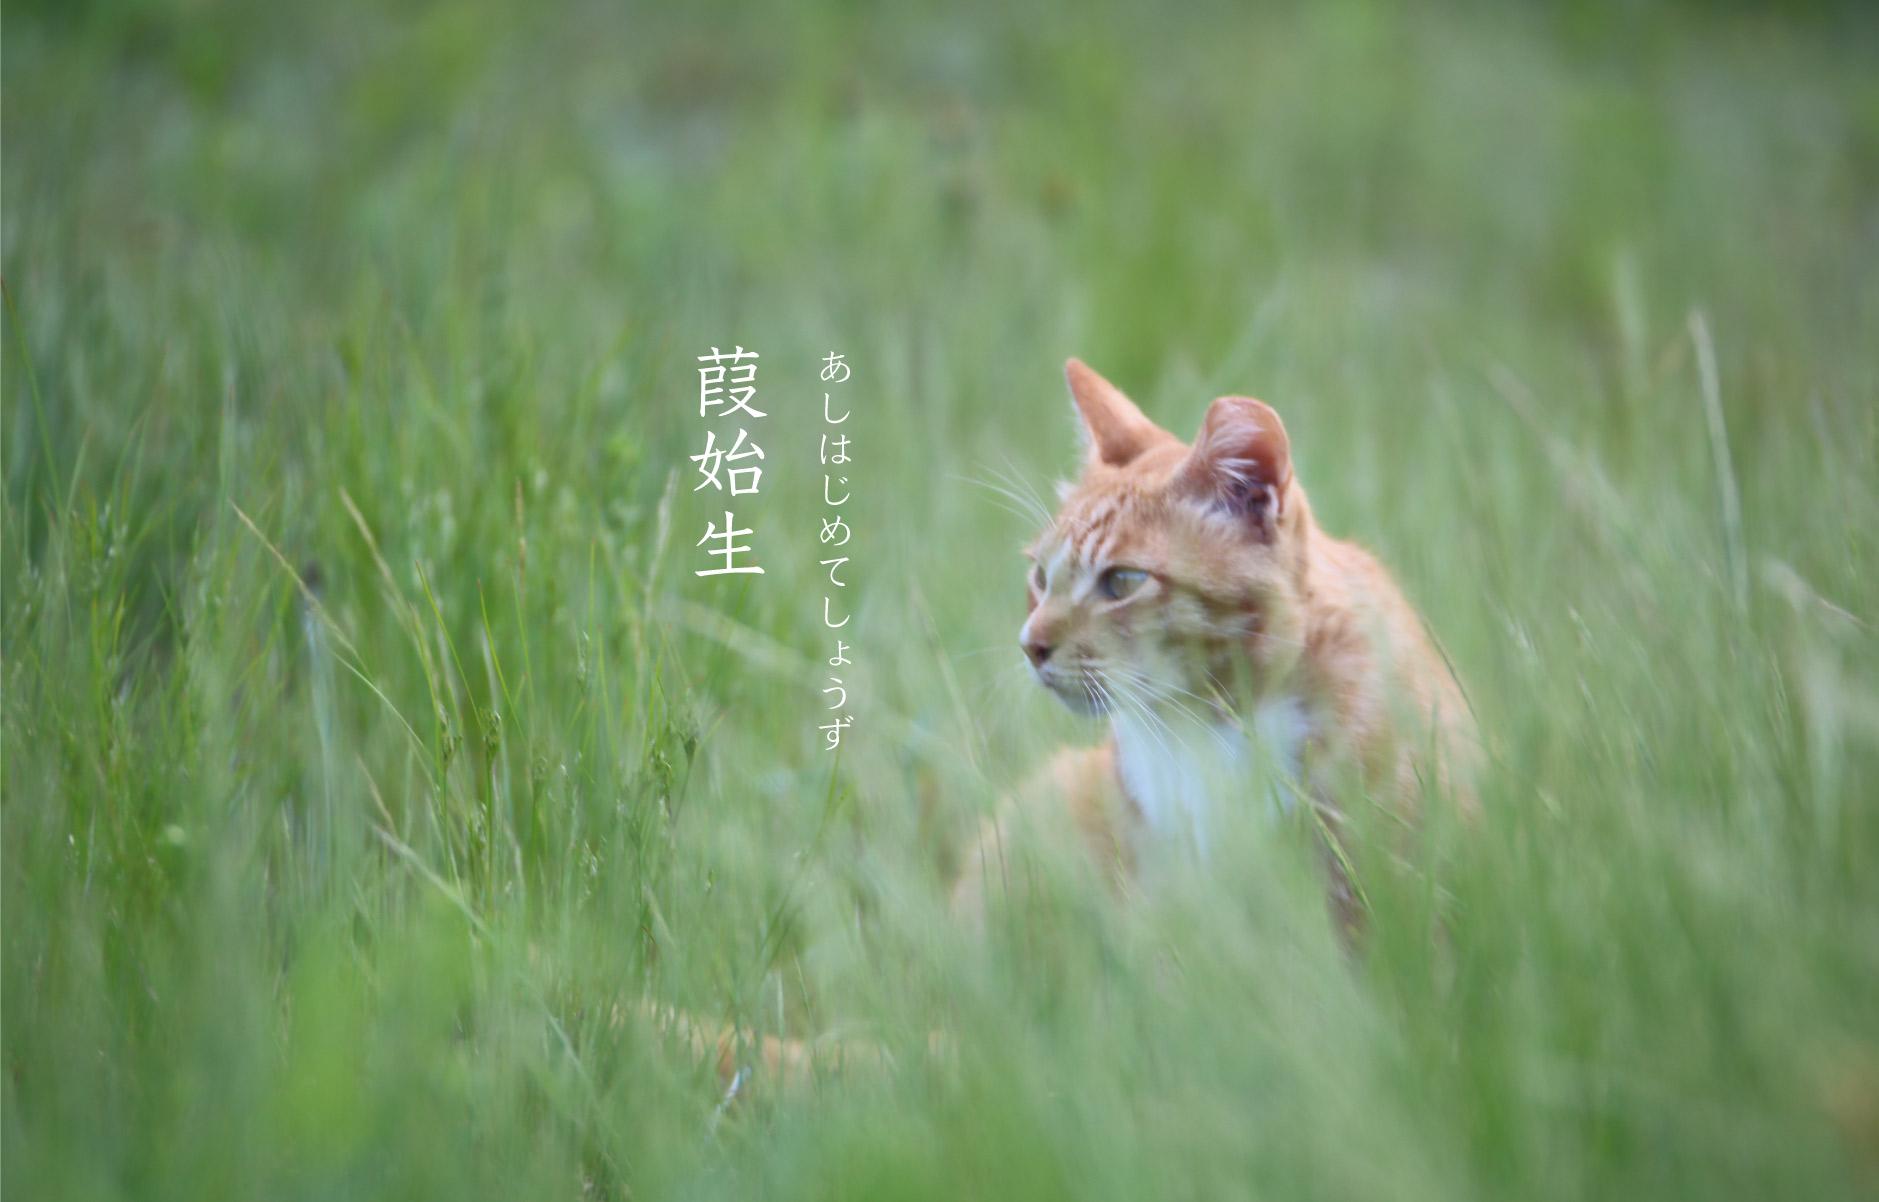 猫と葭始生